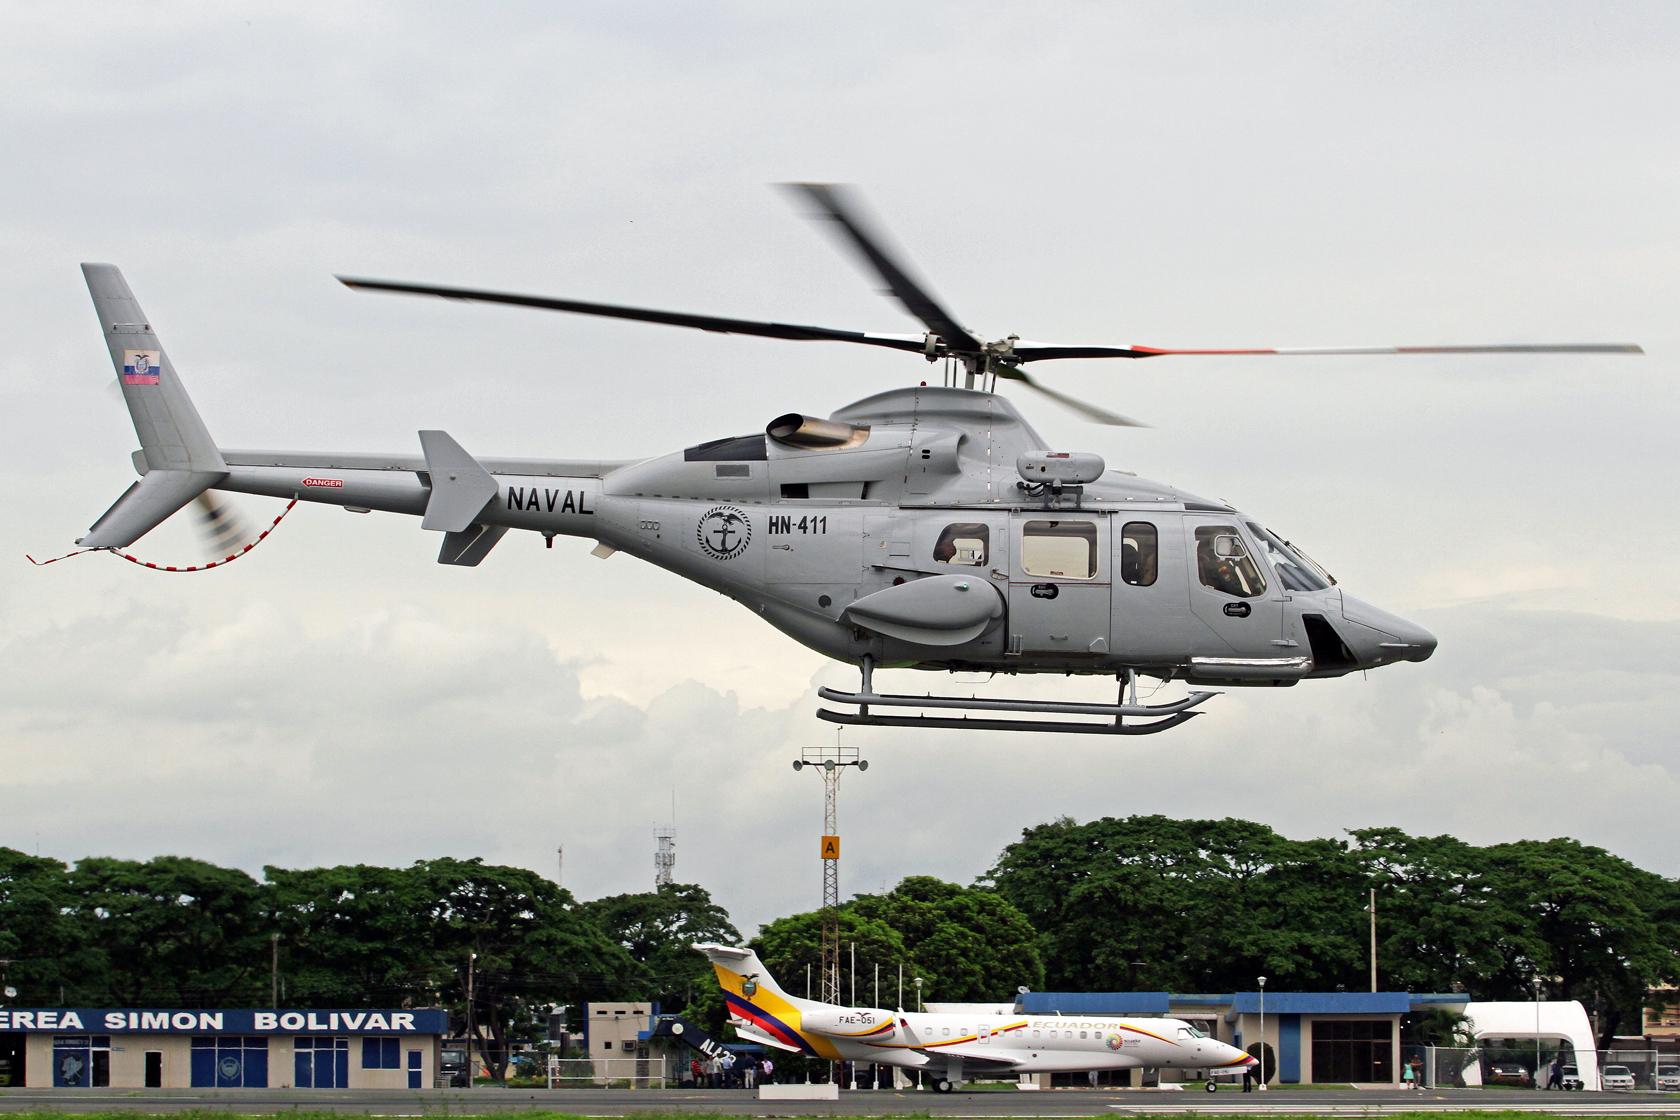 Armada del Ecuador Bell 430 HN-411